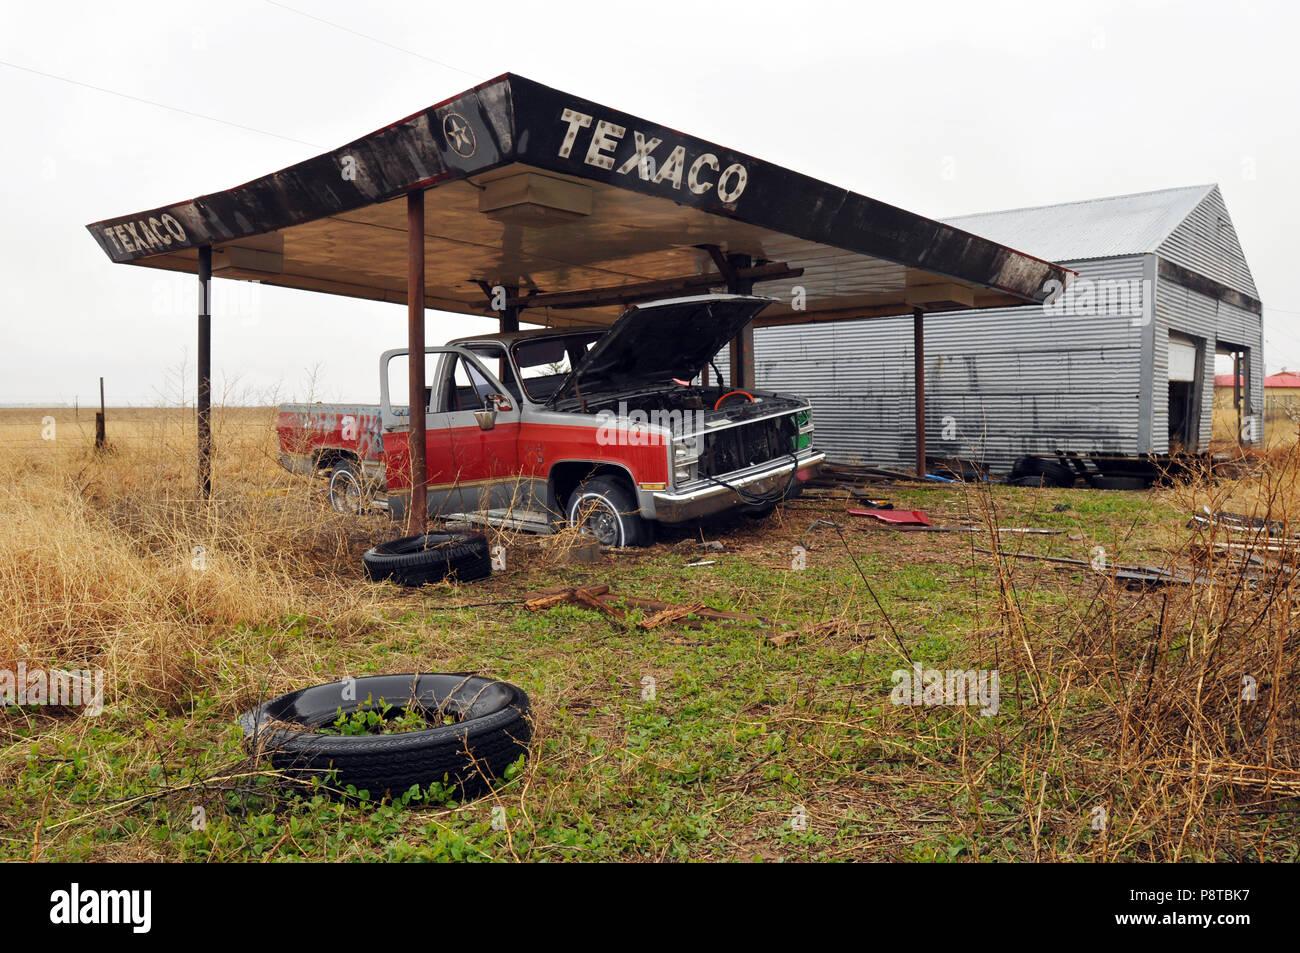 Une station d'essence Texaco abandonnée feuillage couvre un